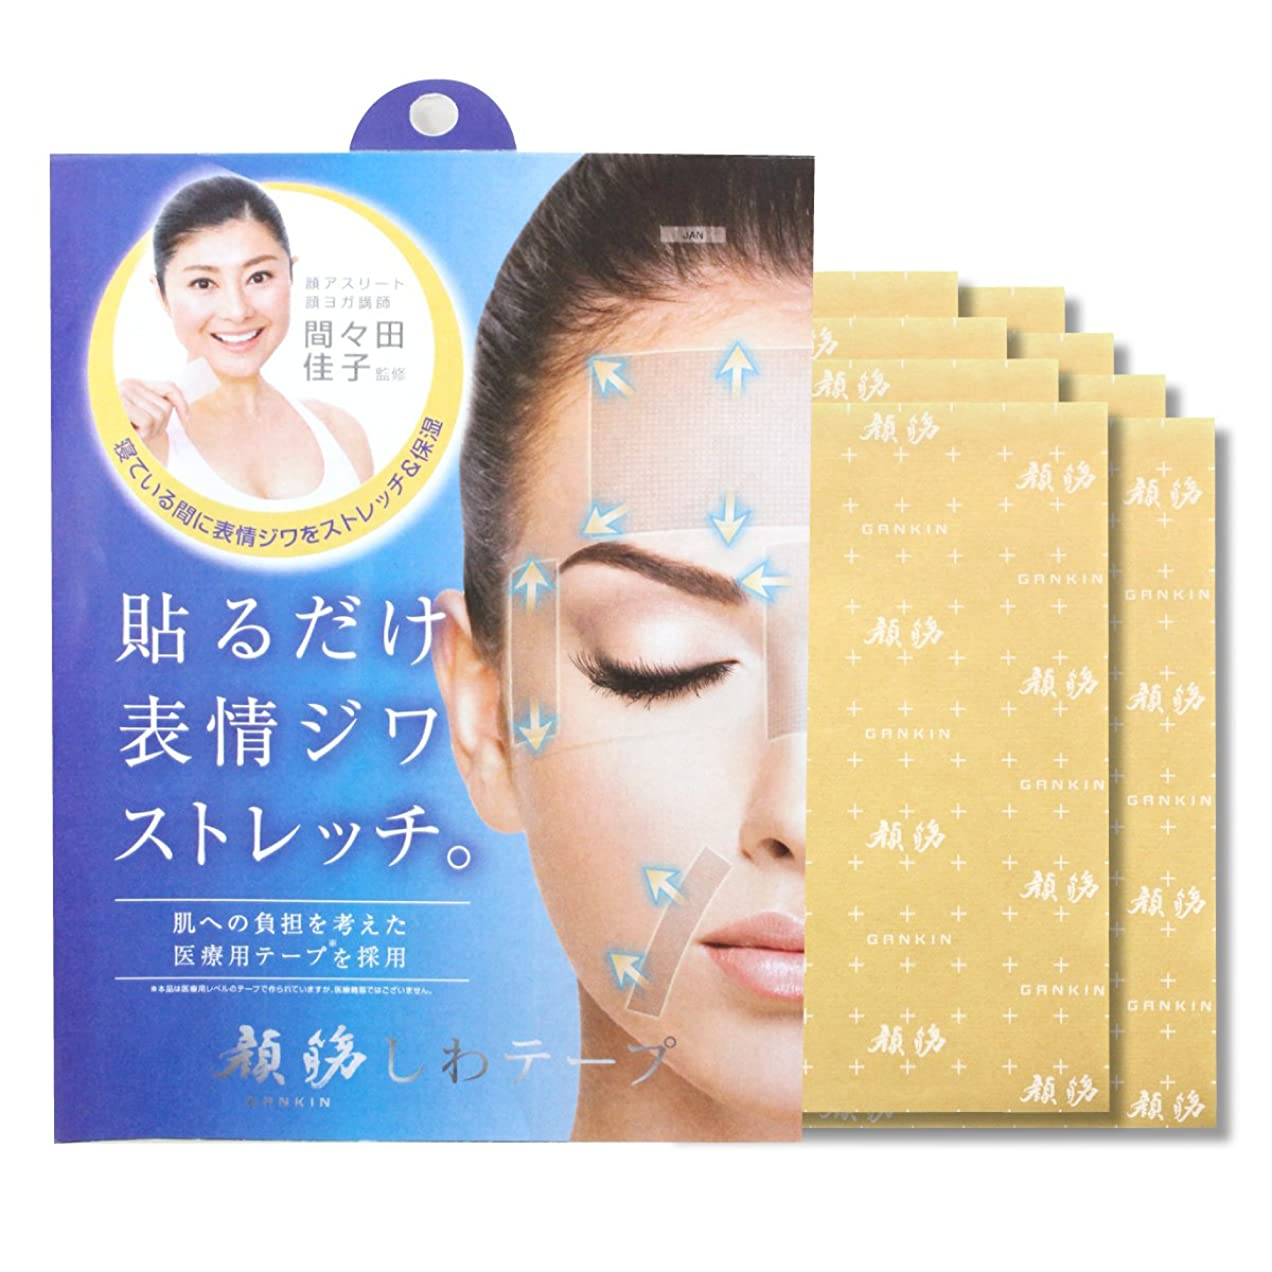 顔筋シワテープ (8枚組)